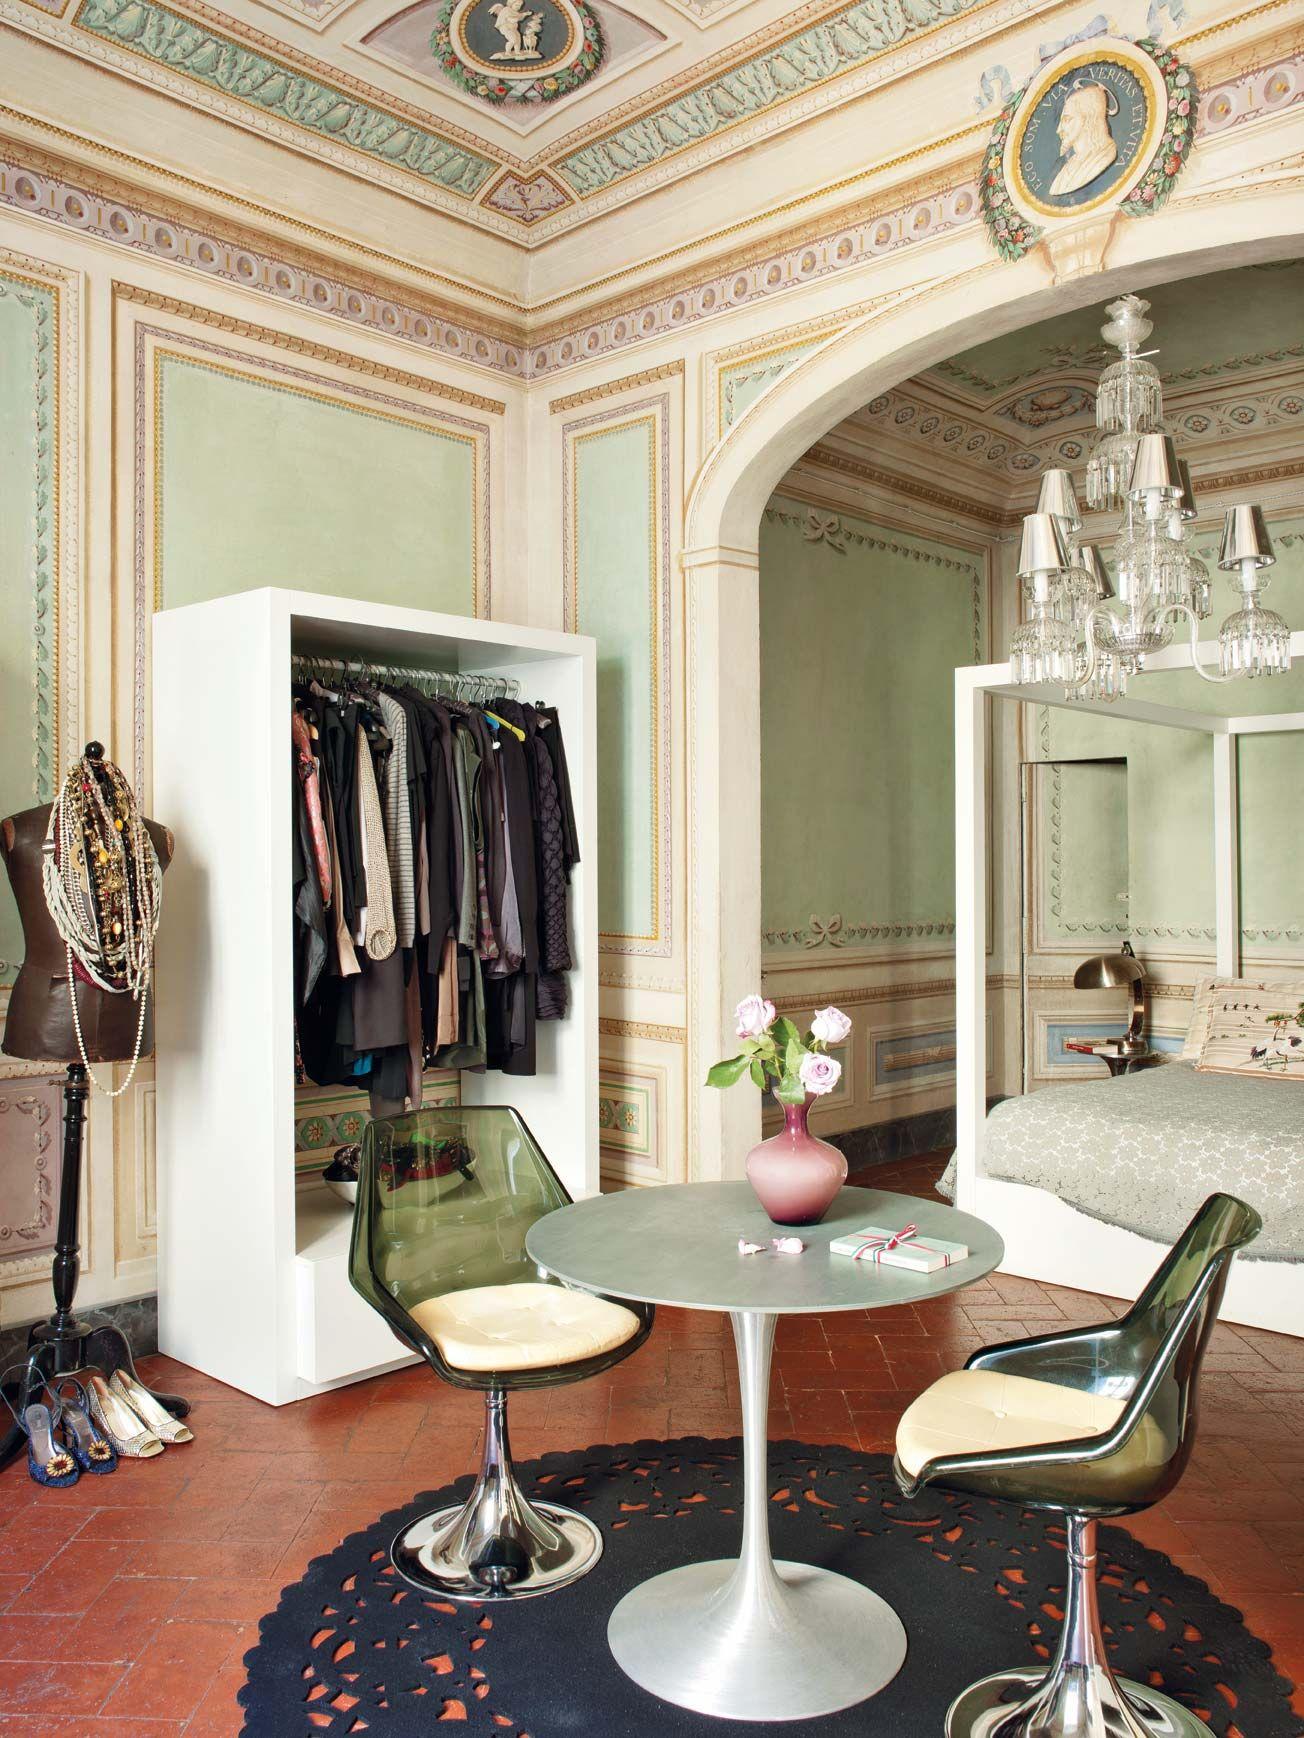 Vivir En Un Palacio Florentino Armario La Dolce Vita Y Dolce Vita # Muebles Dolce Vita